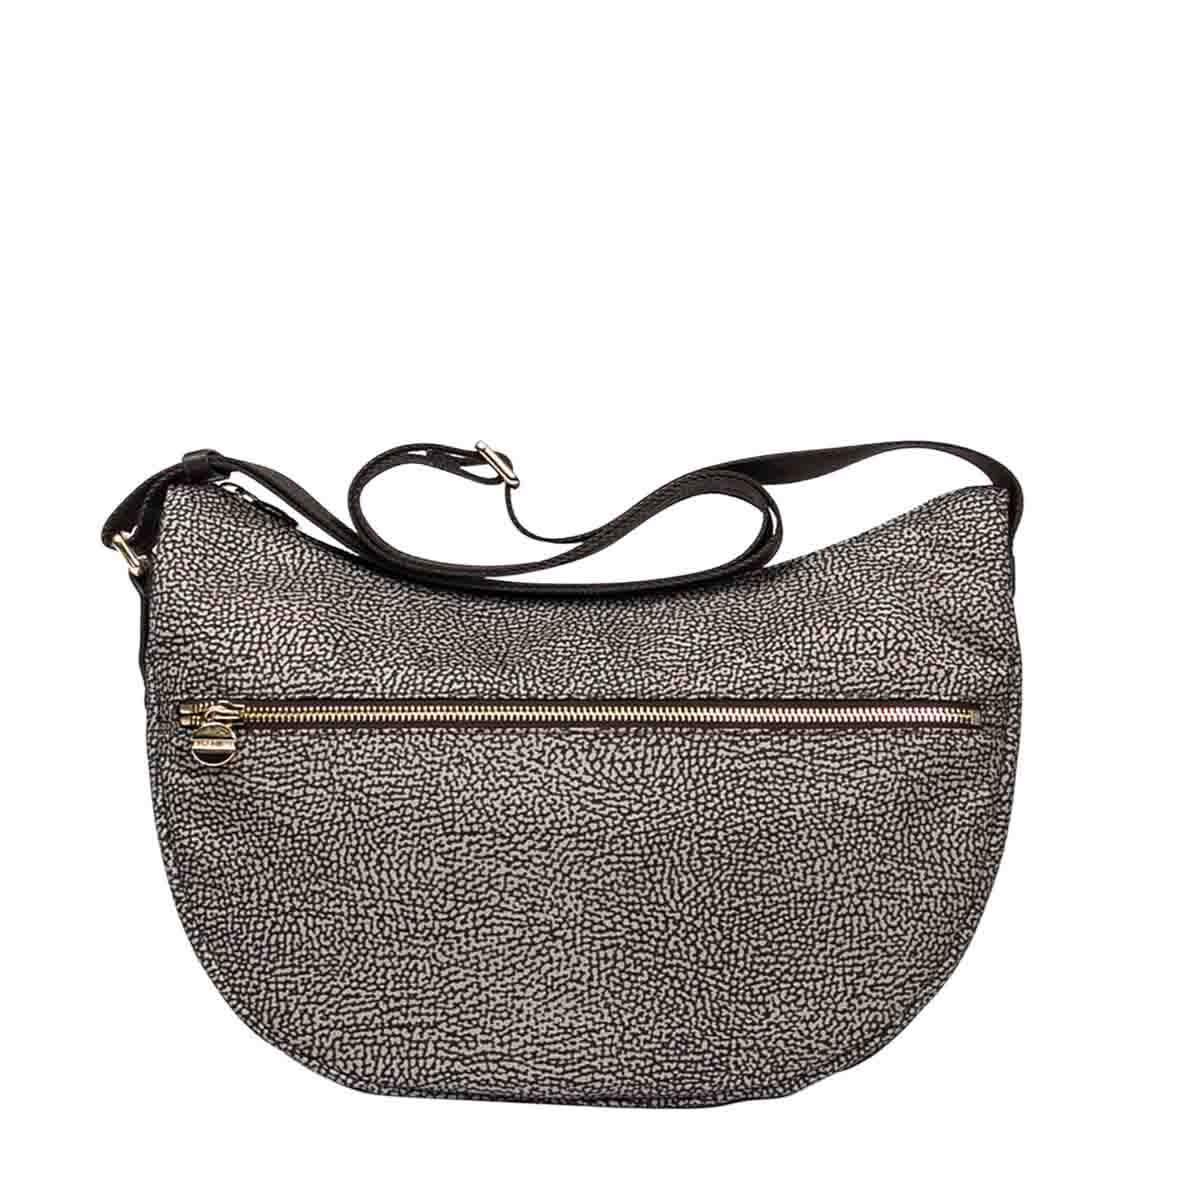 Middle Luna Bag